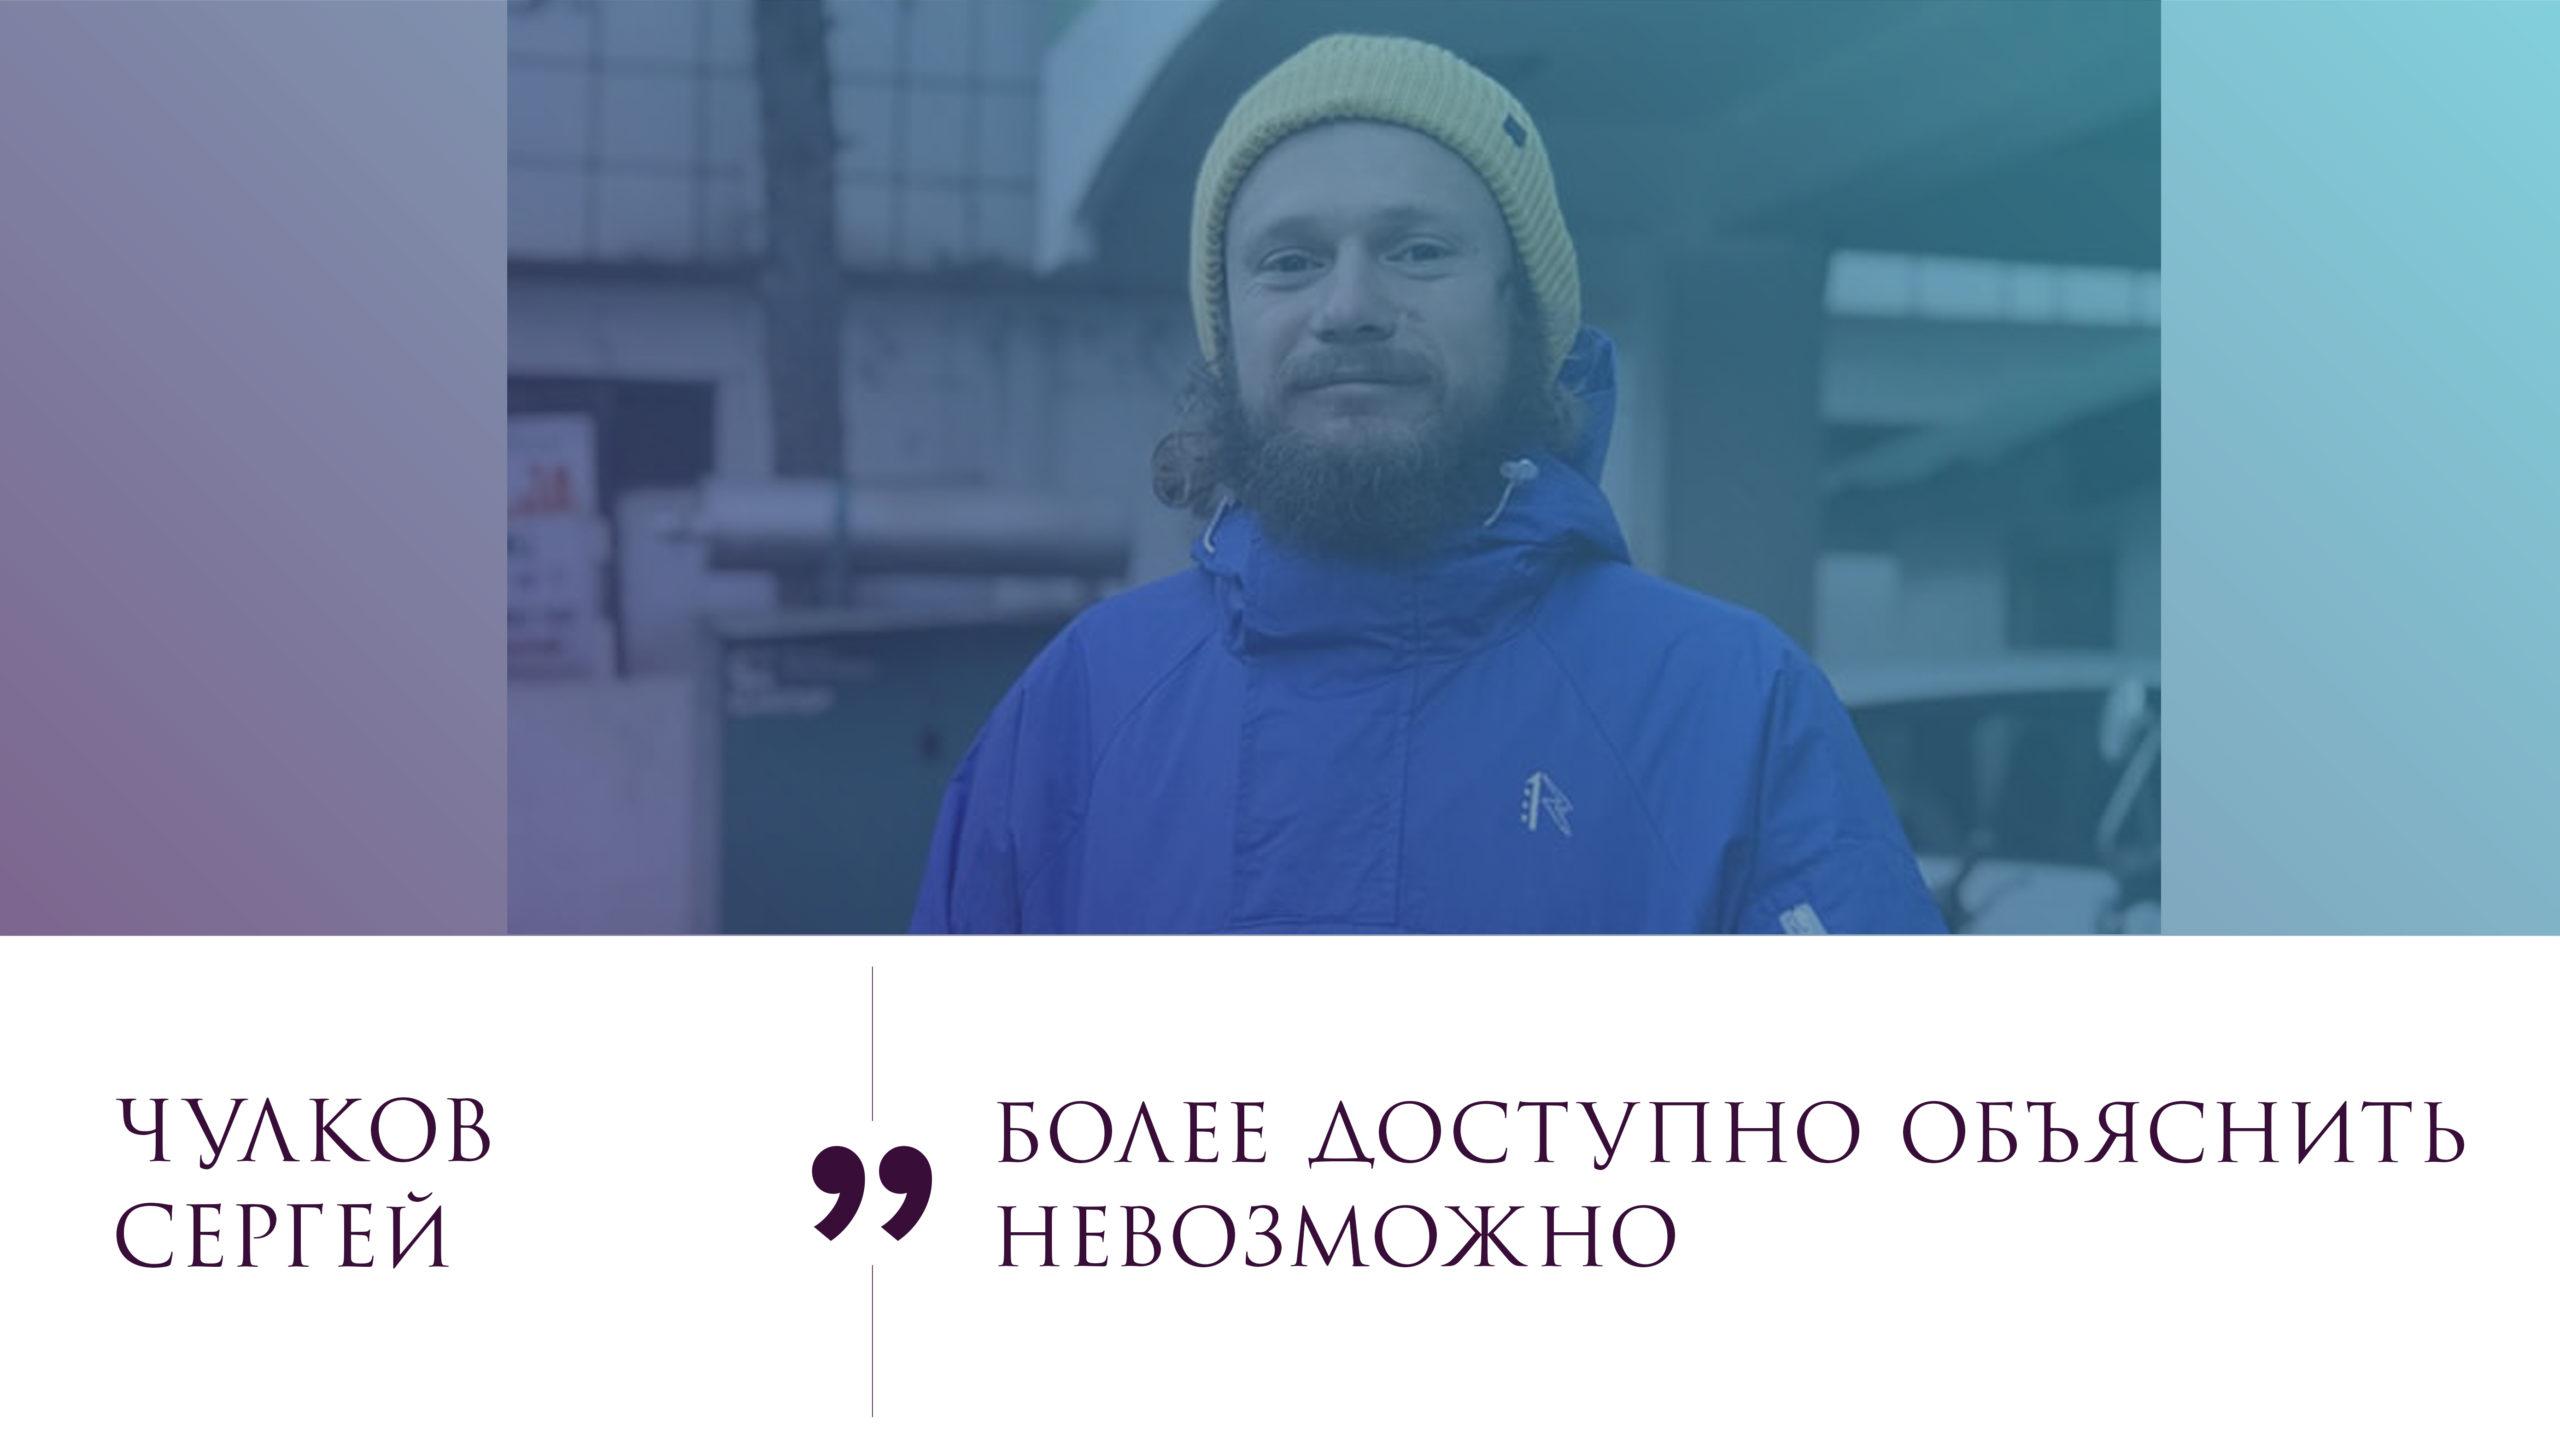 Сергей. Отзыв.